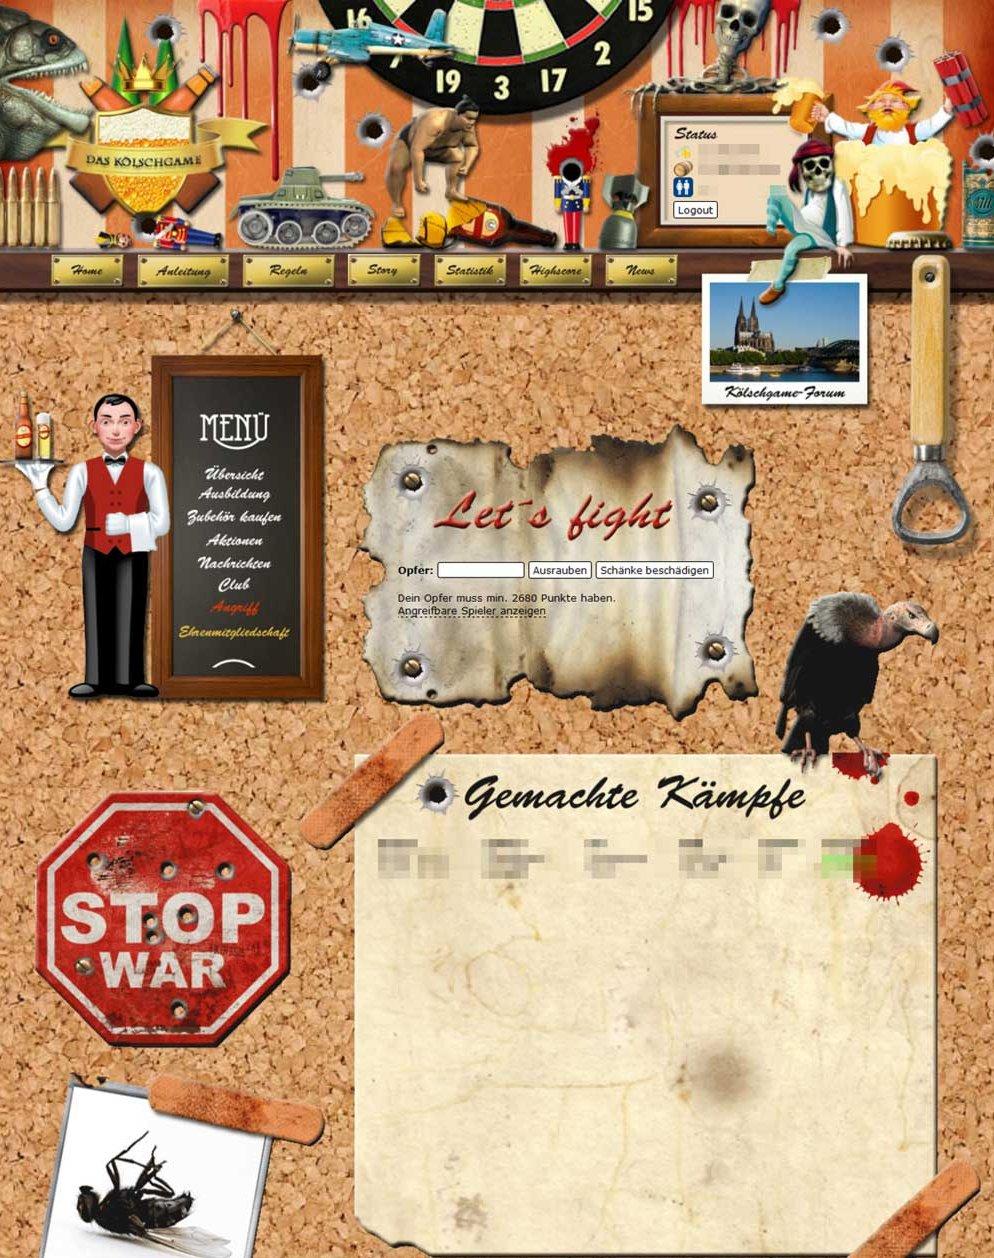 """Überzeugende Illustrationen, Screenshot der """"Kampfseite"""" des Kölschgames"""